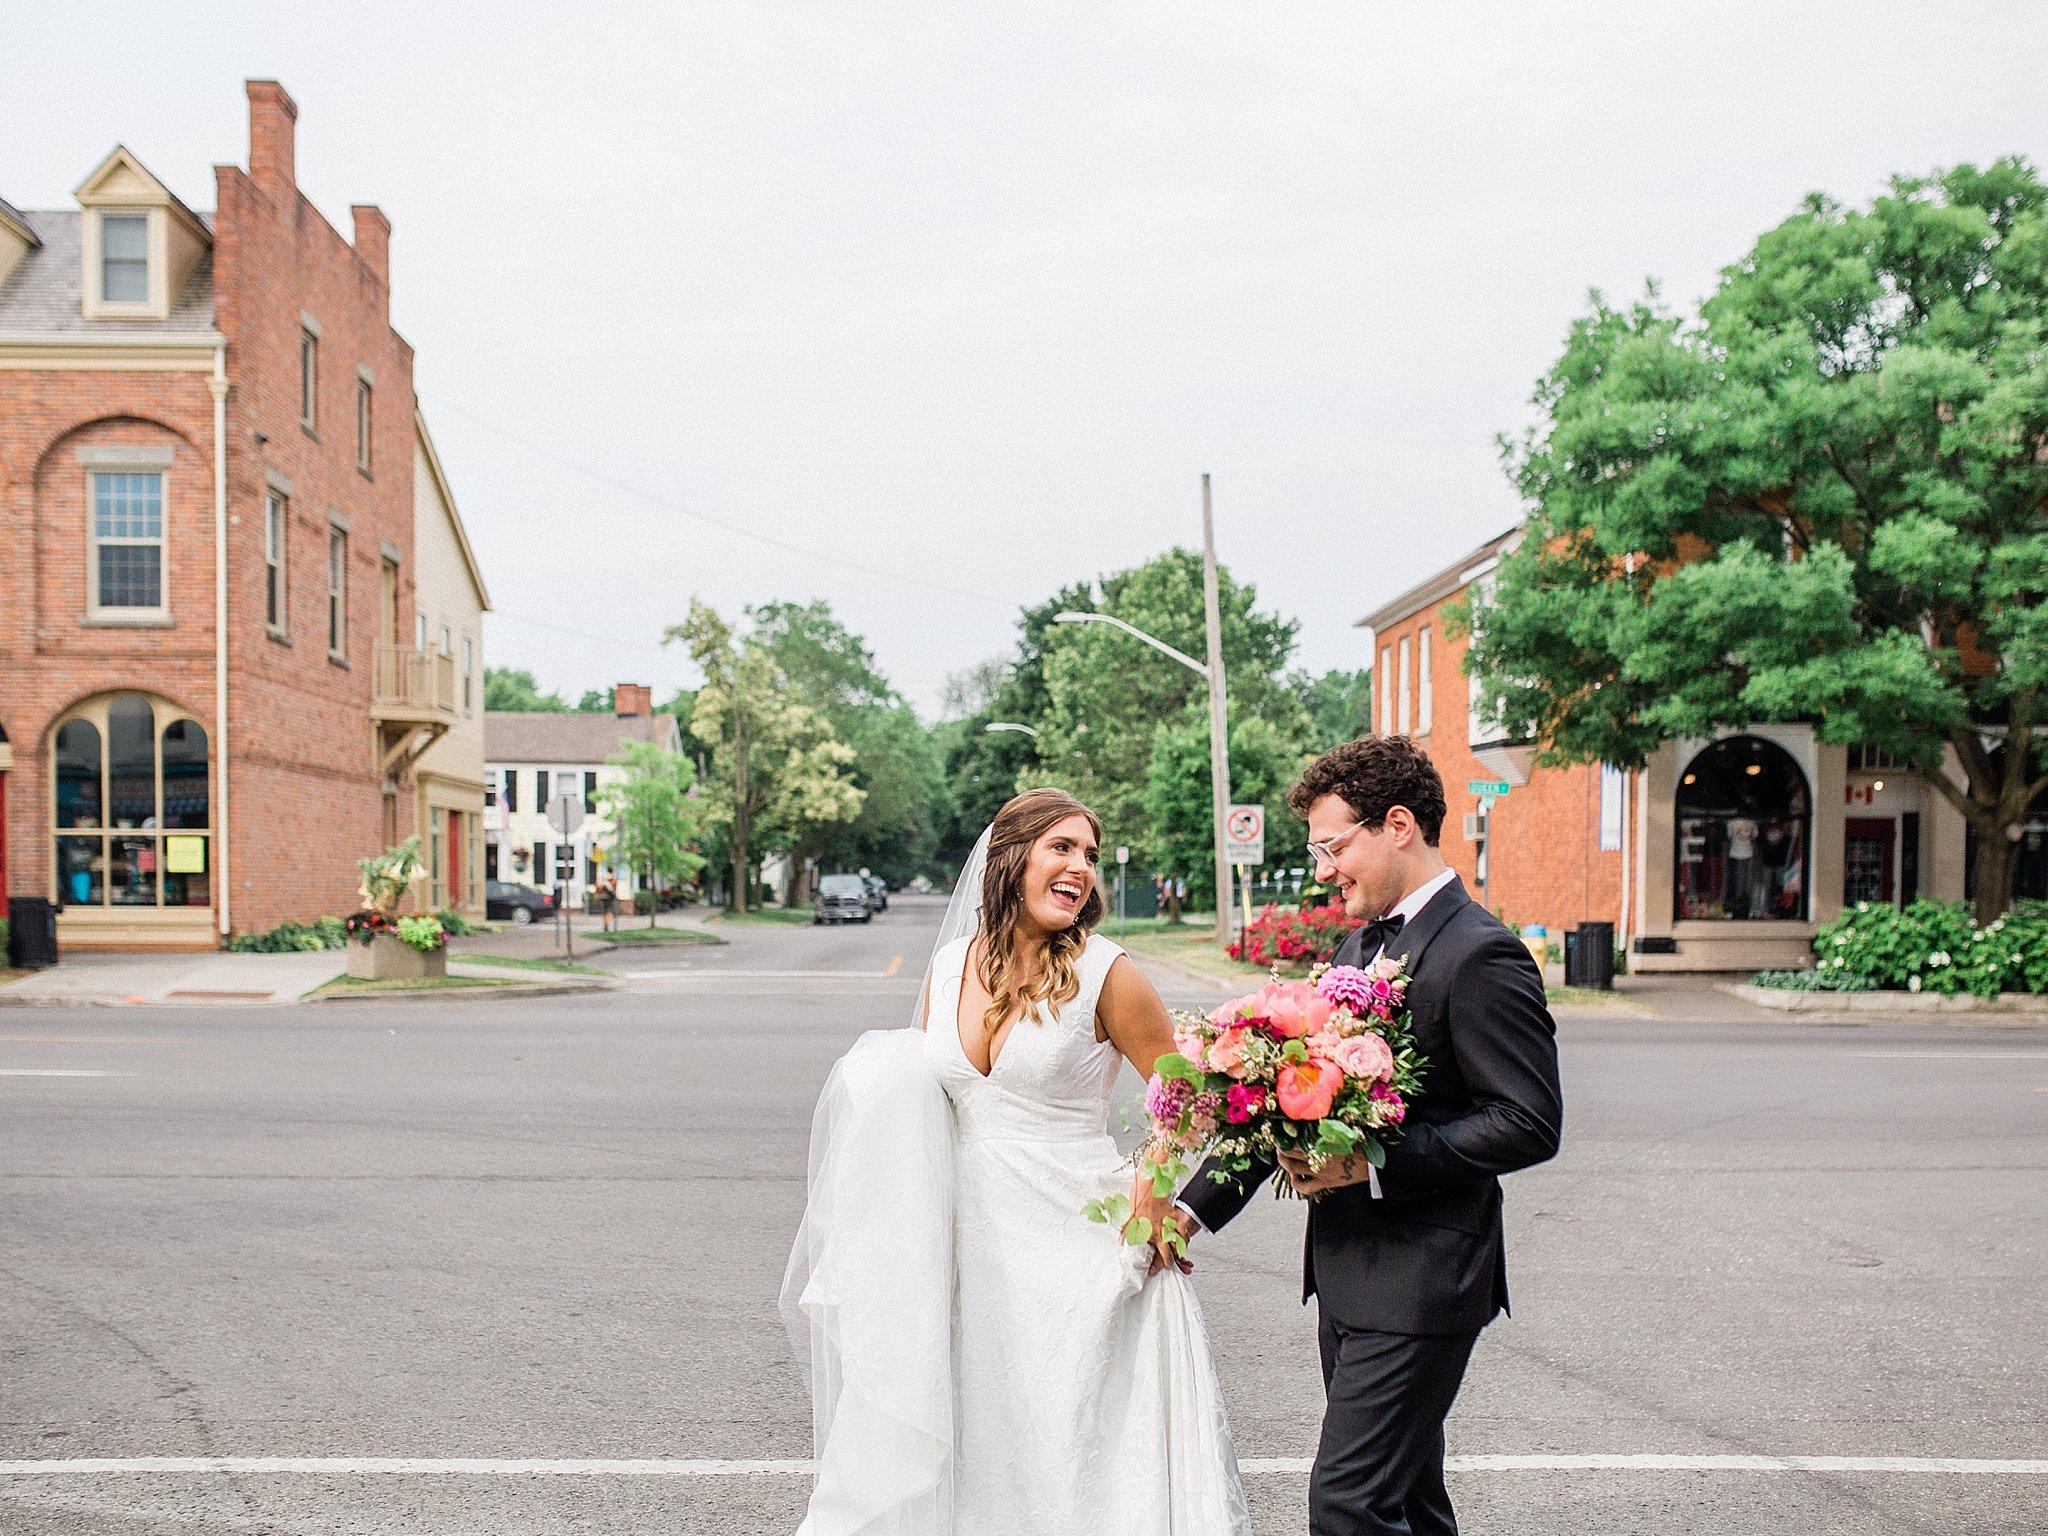 Niagara on the Lake Photographer, Toronto Wedding Photography